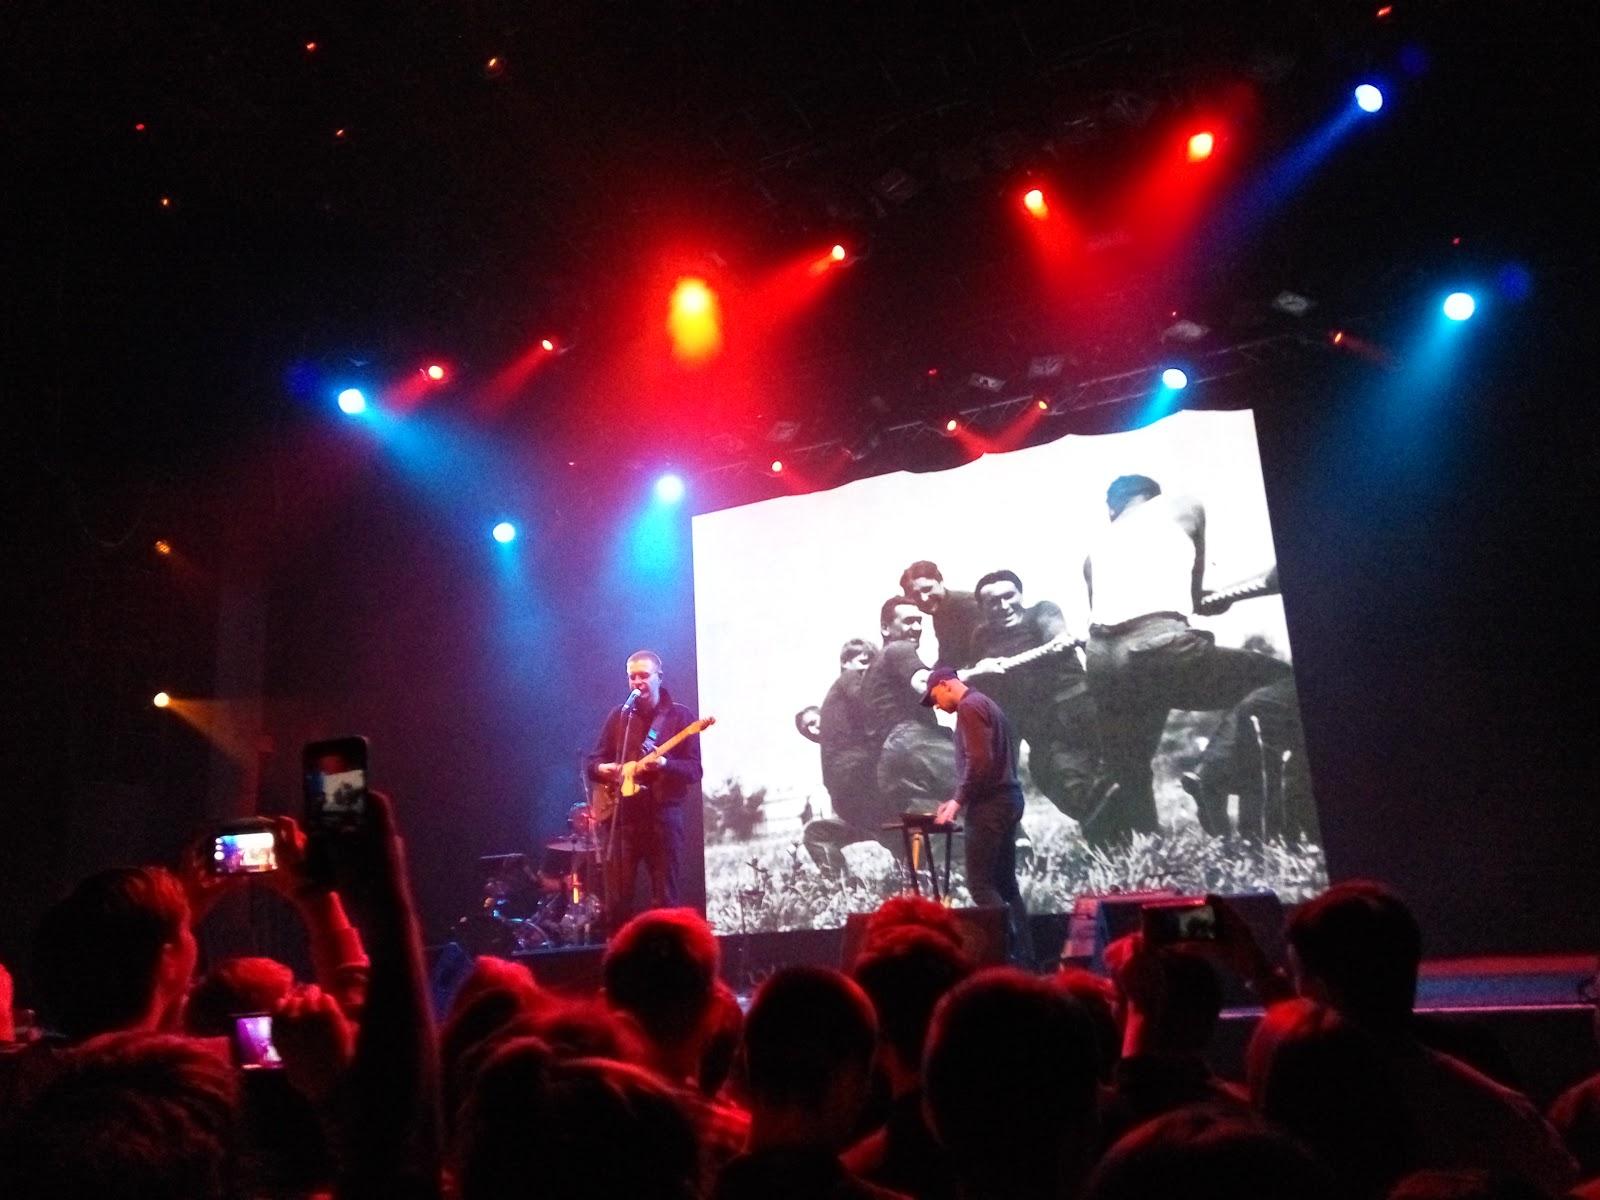 Клубы москвы концерты москва 2016 работа в ночном клубе фотографом